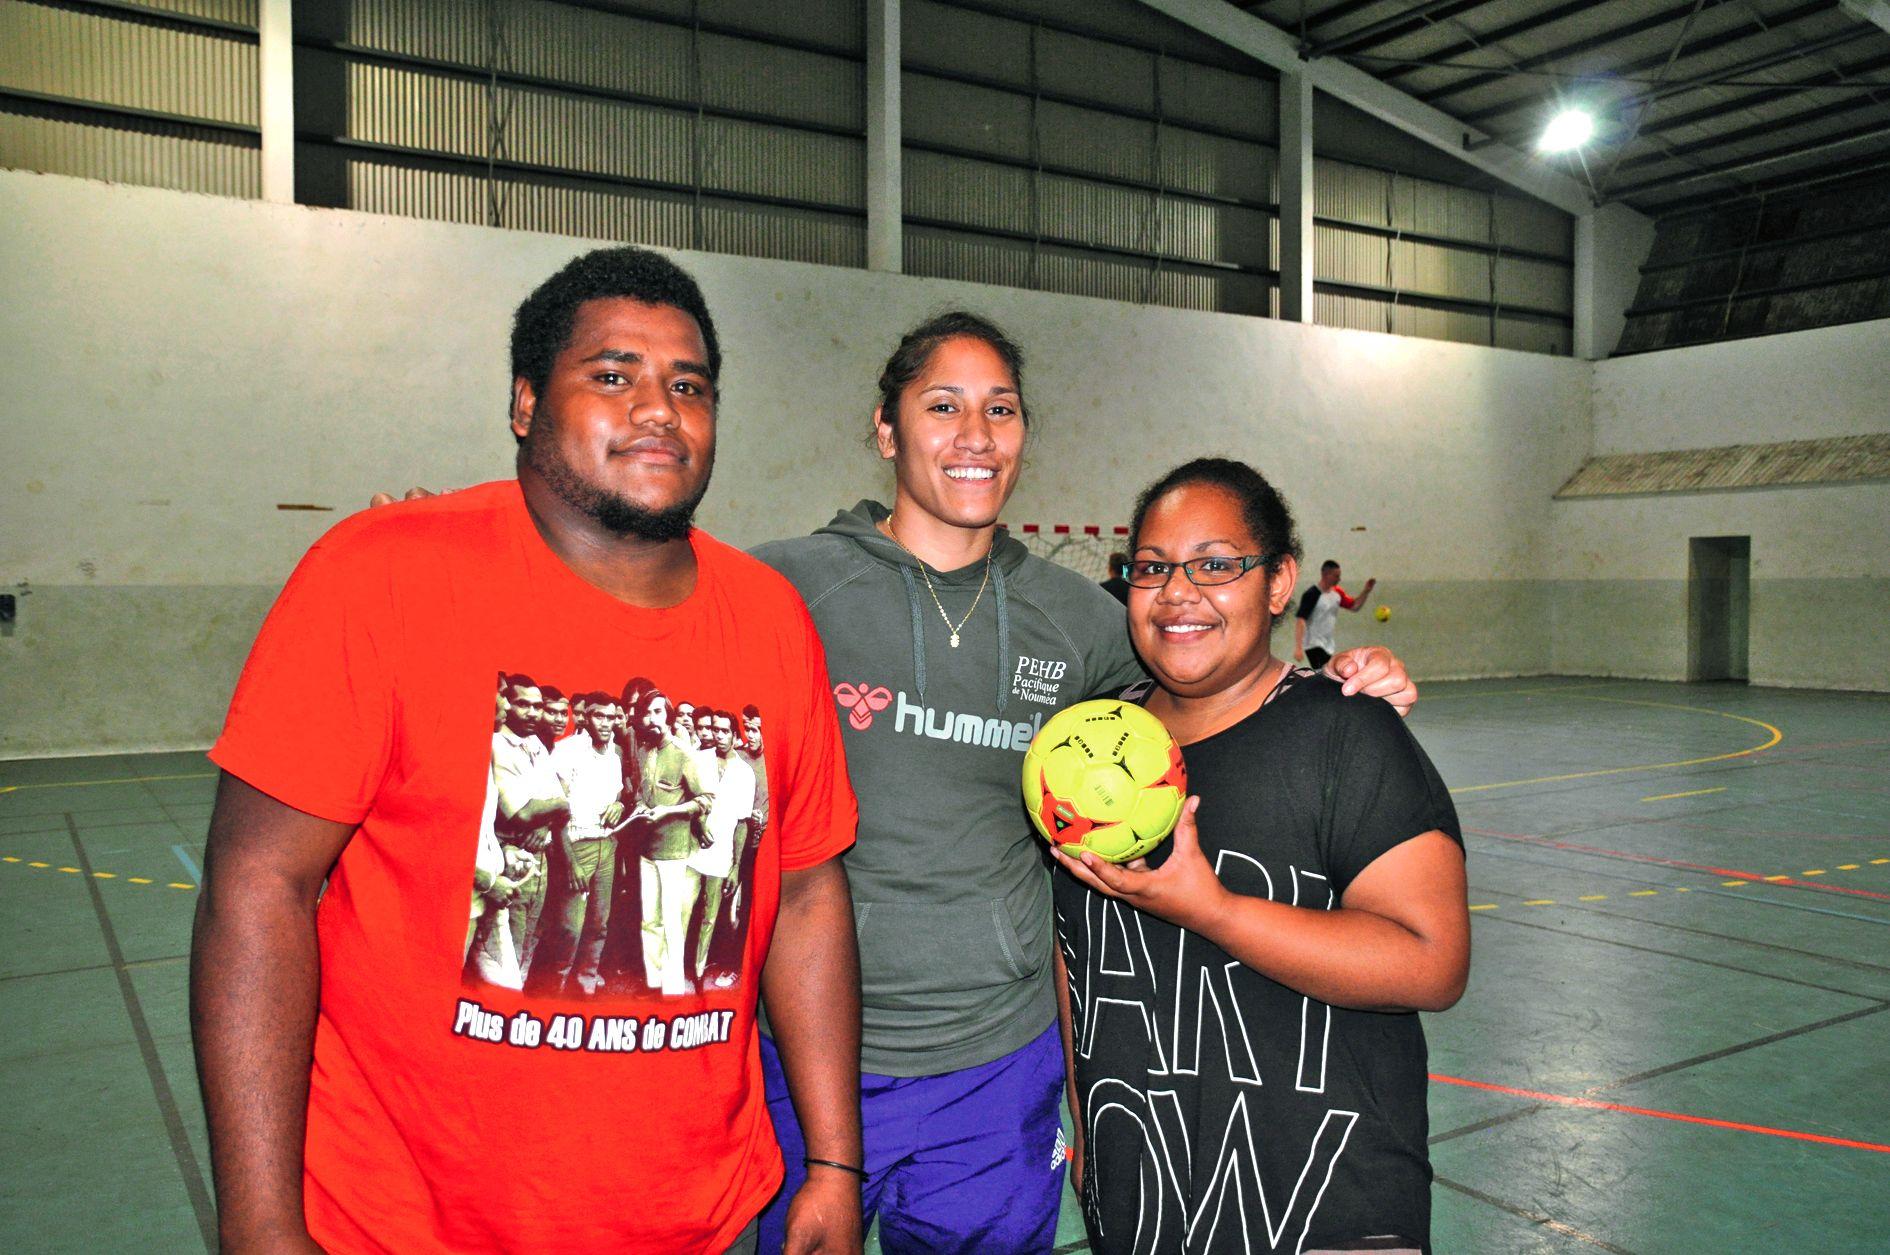 C'est Olivia Vaitanaki (au centre), responsable du pôle espoir féminin de Nouméa, qui a orchestré cette visite à Maré car « tout ne doit pas se passer à Nouméa ». Elle en a profité pour coacher quelques entraîneurs jeunes et découvrir d'où viennent certai